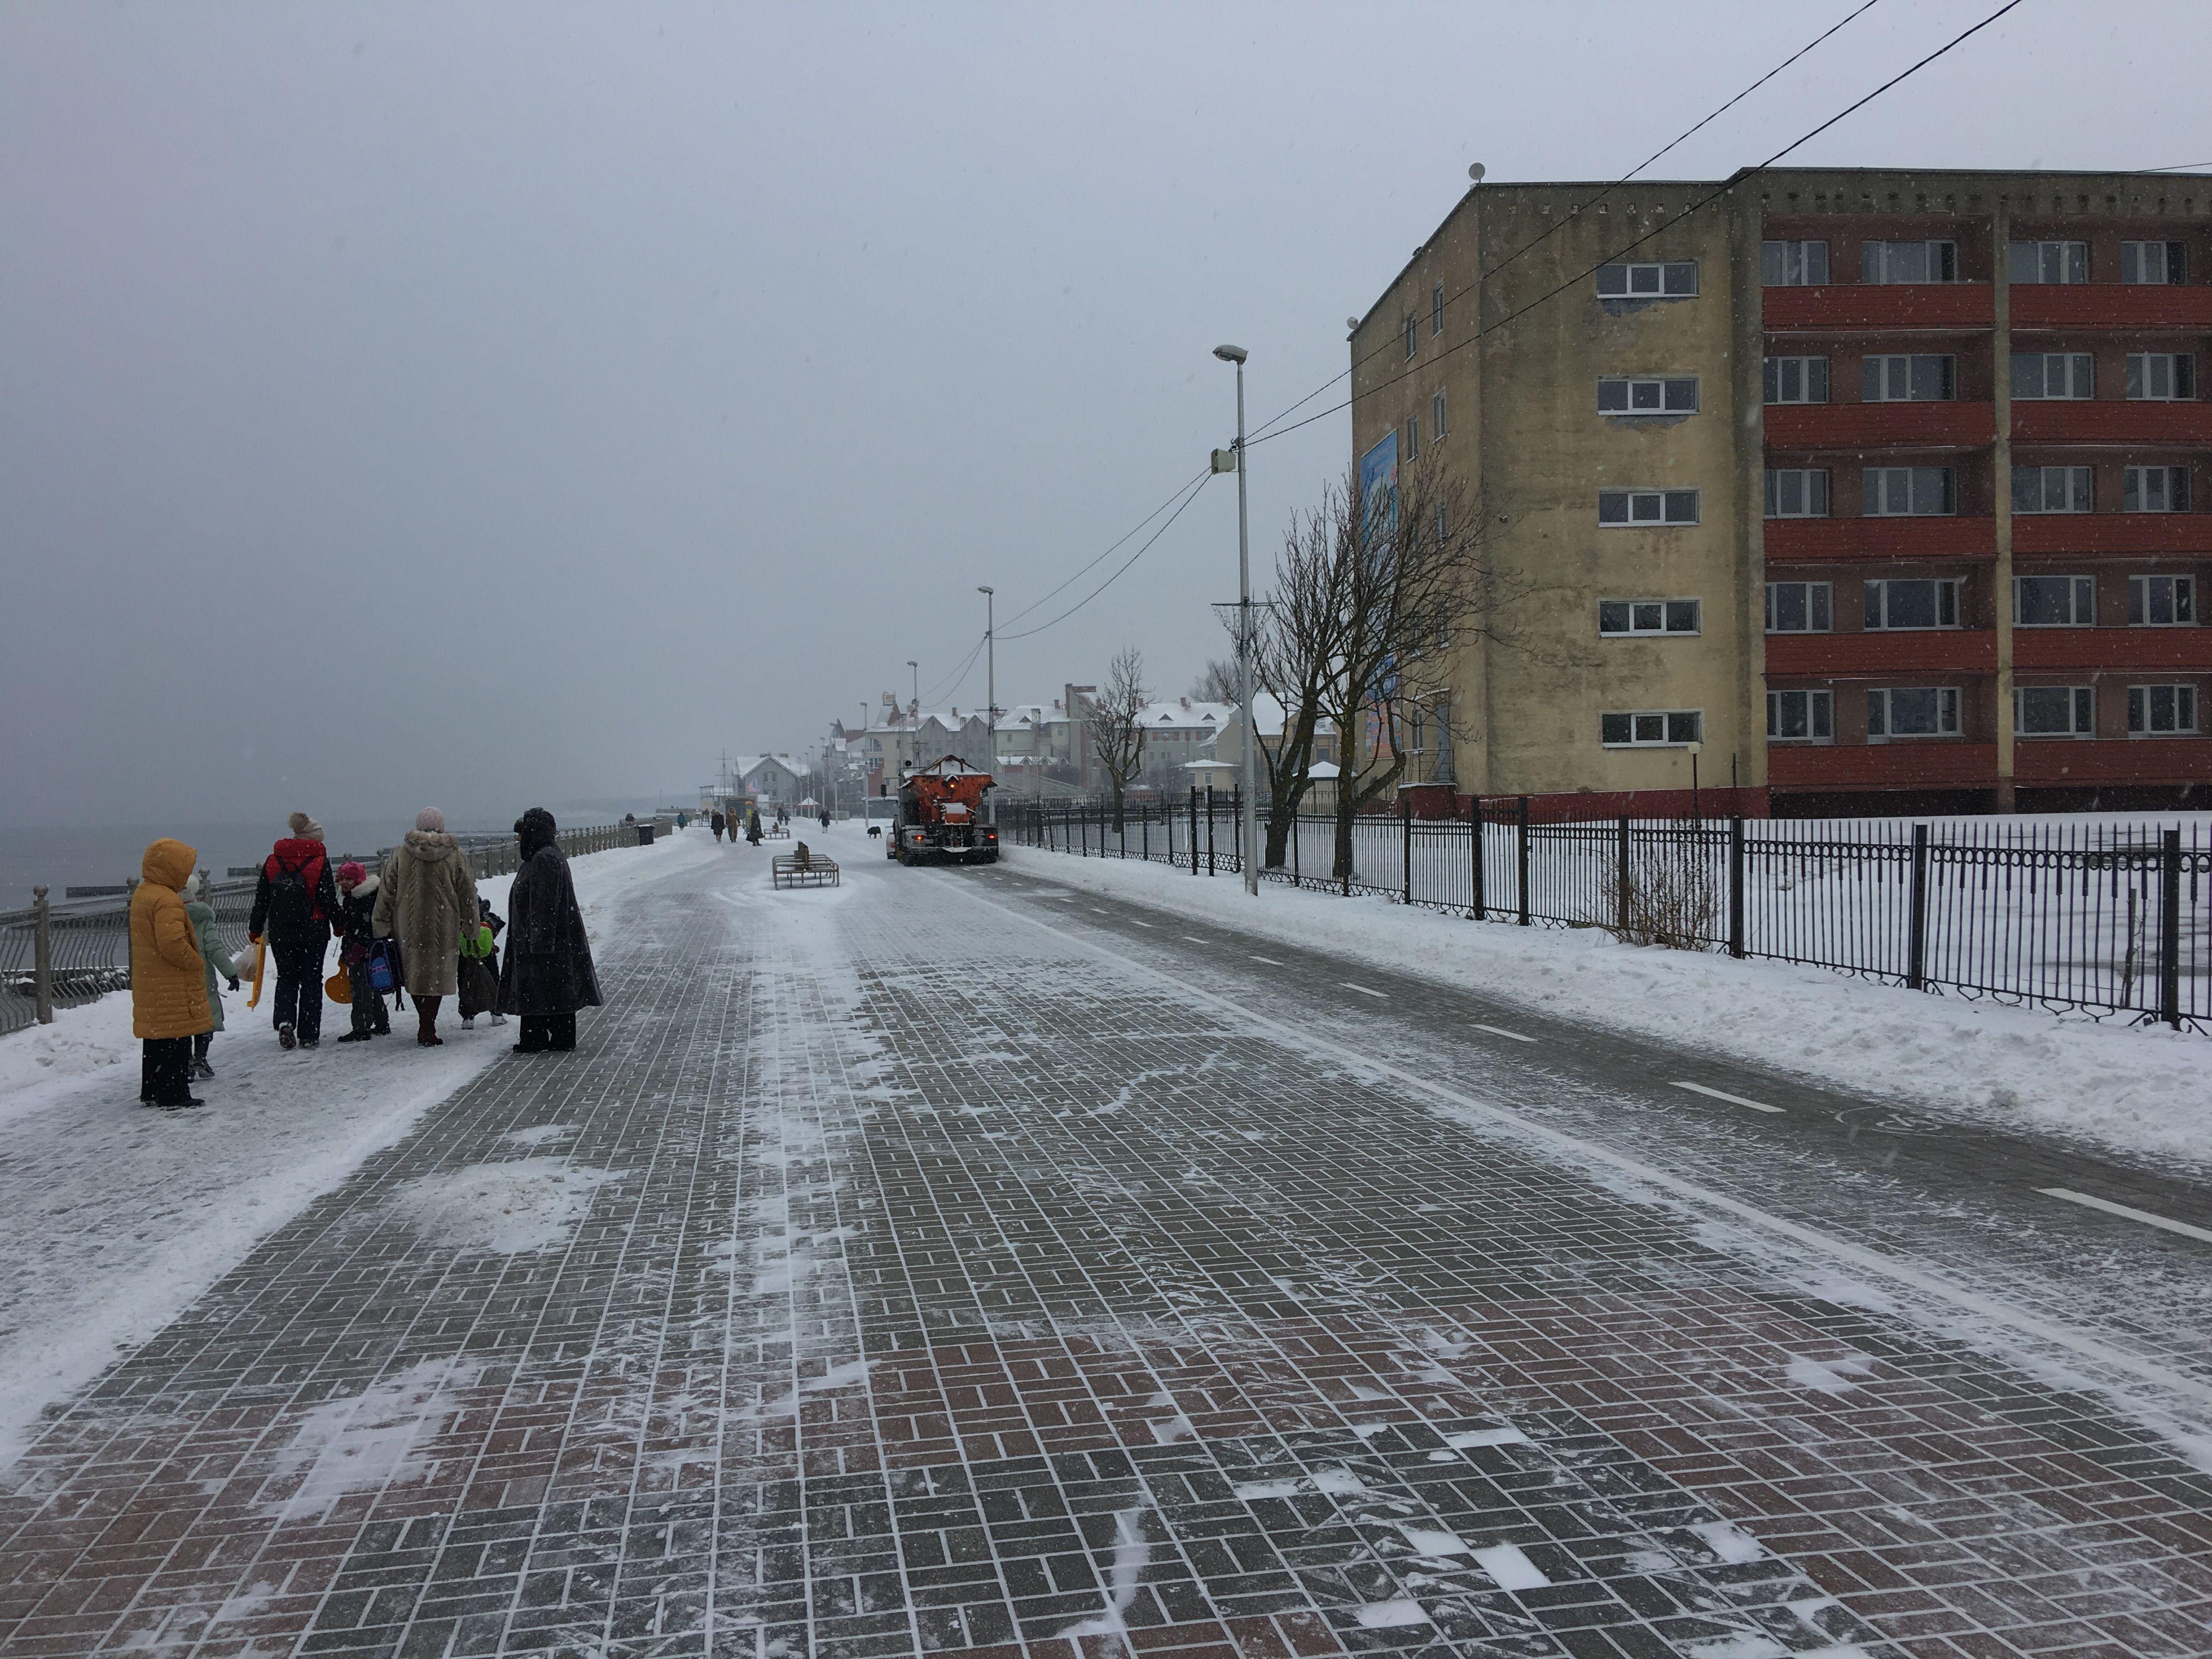 Уборка променада в снегопад. Фото: Vladimir Shveda